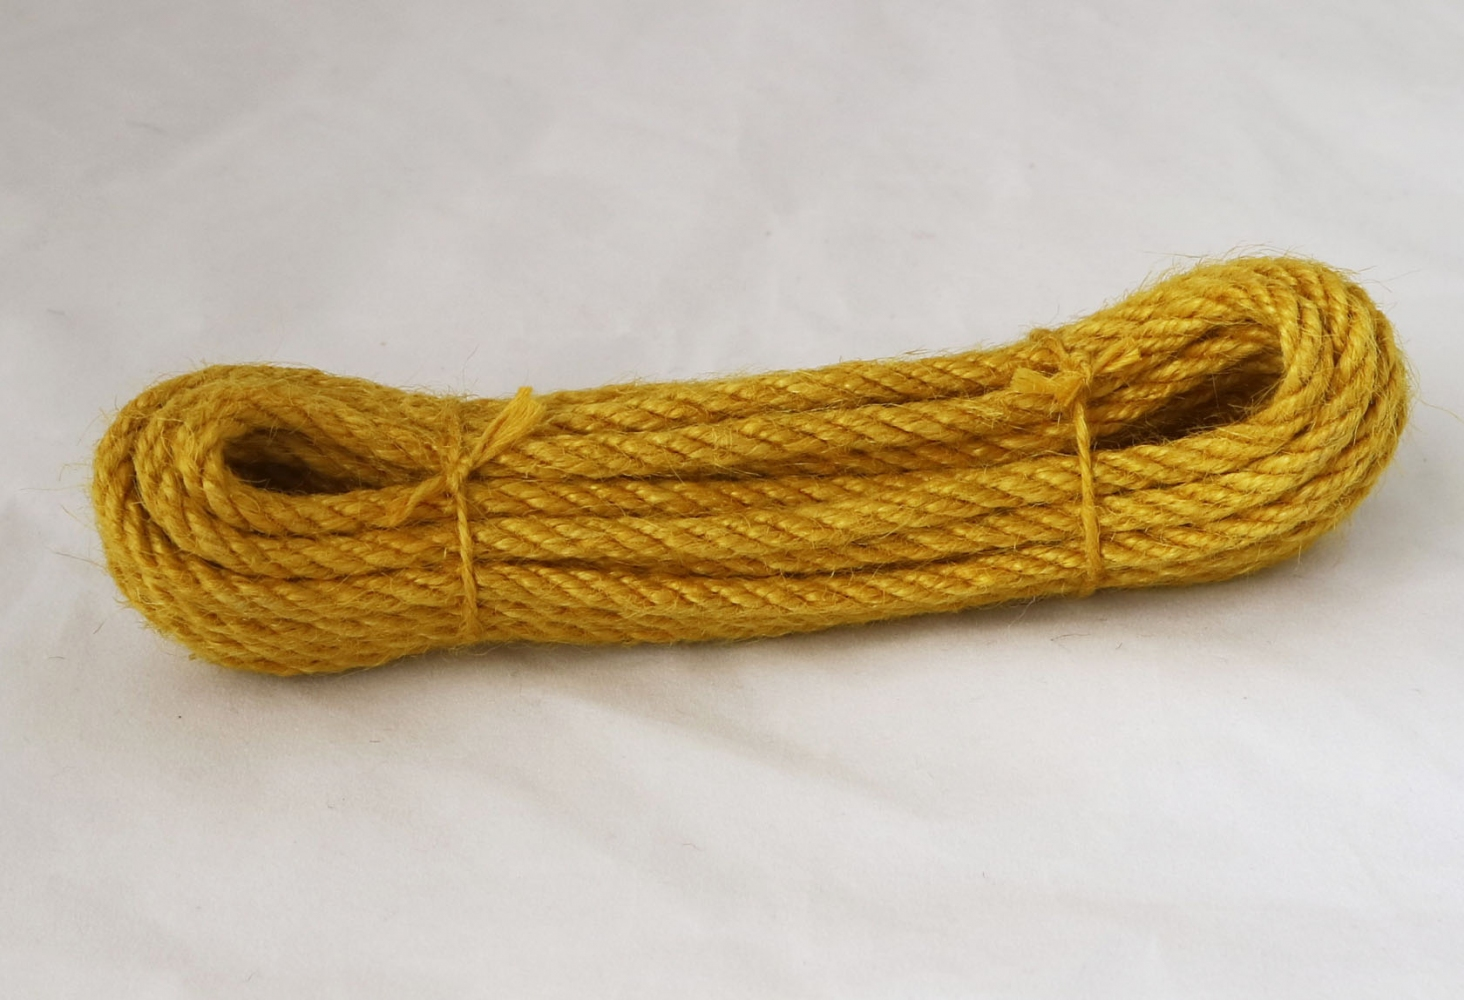 Канат джутовий жовтий, діаметр 6мм, моток 5 метрів - 1